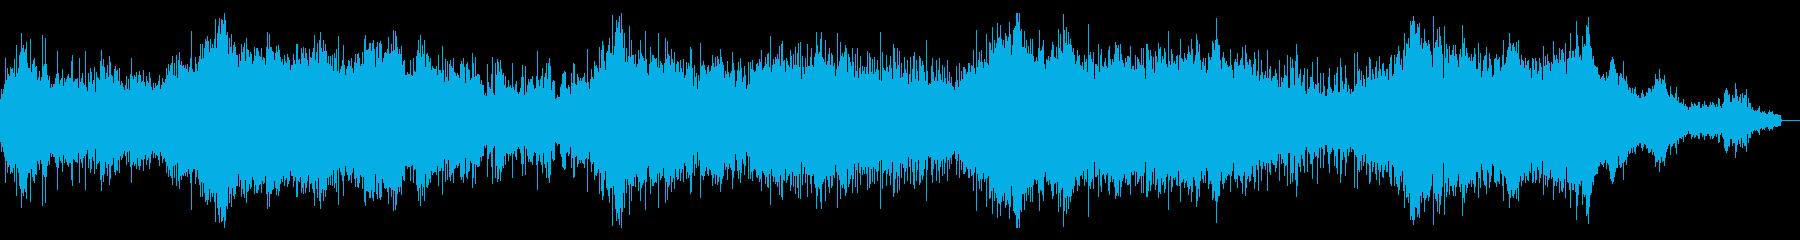 エピックダークなアンビエントテクスチャの再生済みの波形